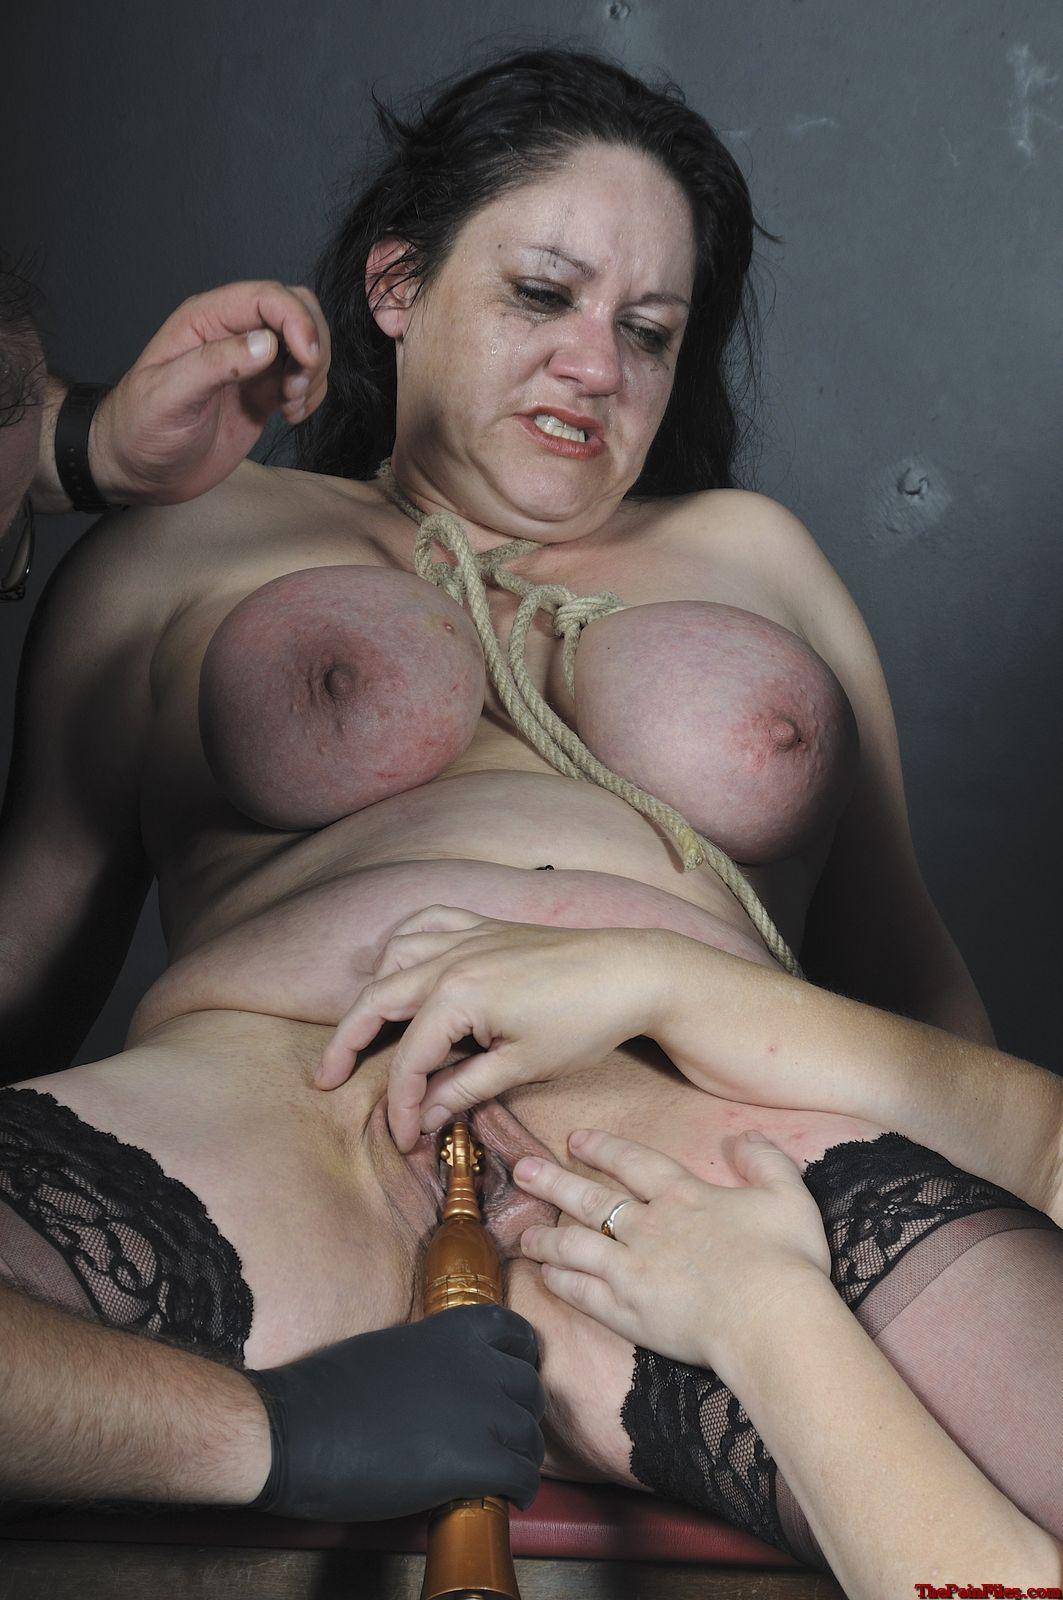 Фотогалерея унижения пожилых женщин бесплатно 5 фотография